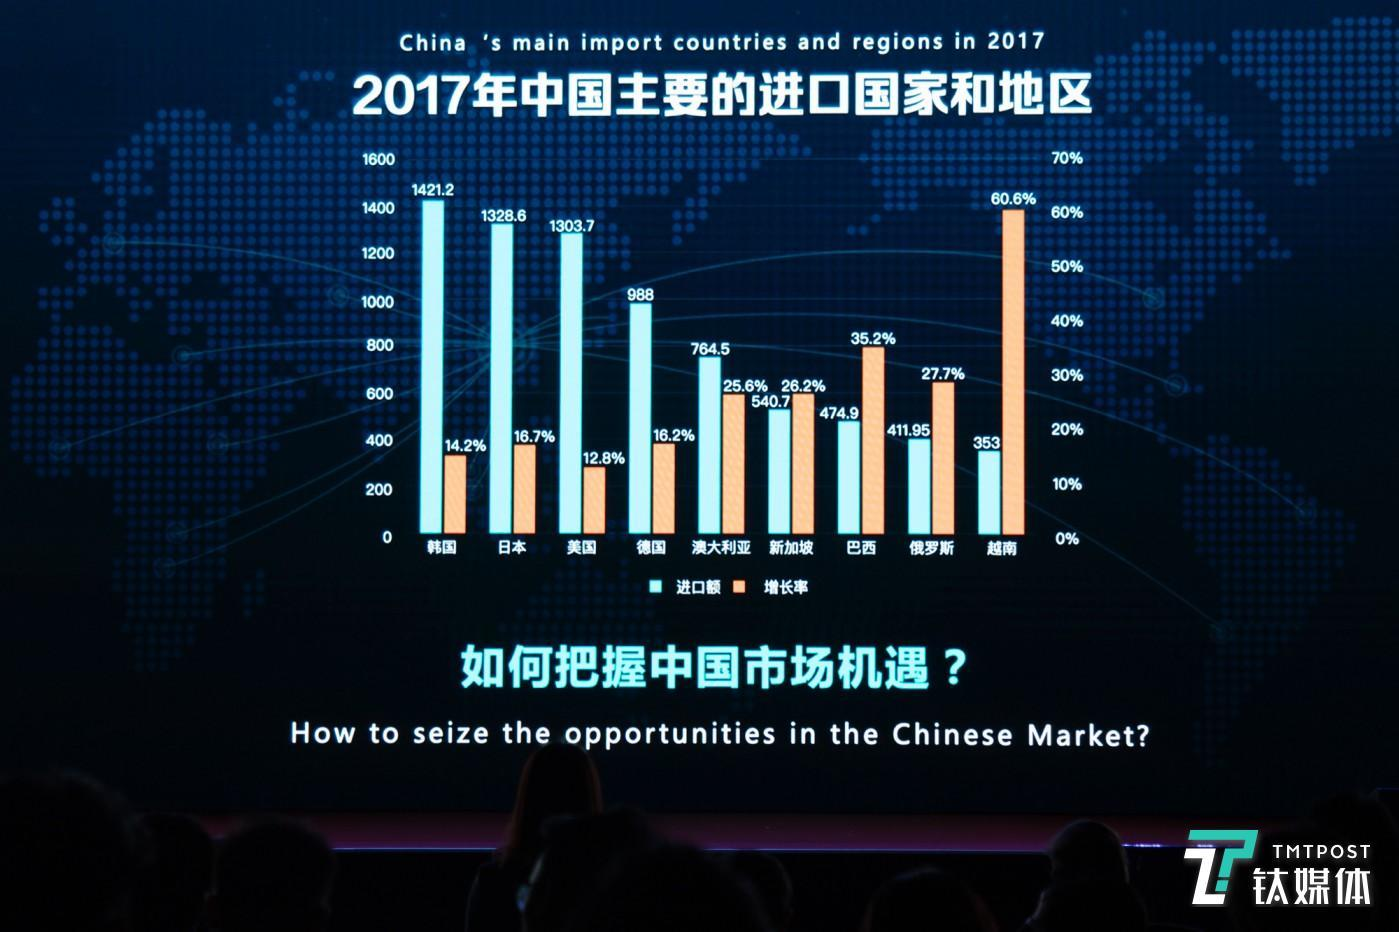 2017年中国进口商品占比及增长率